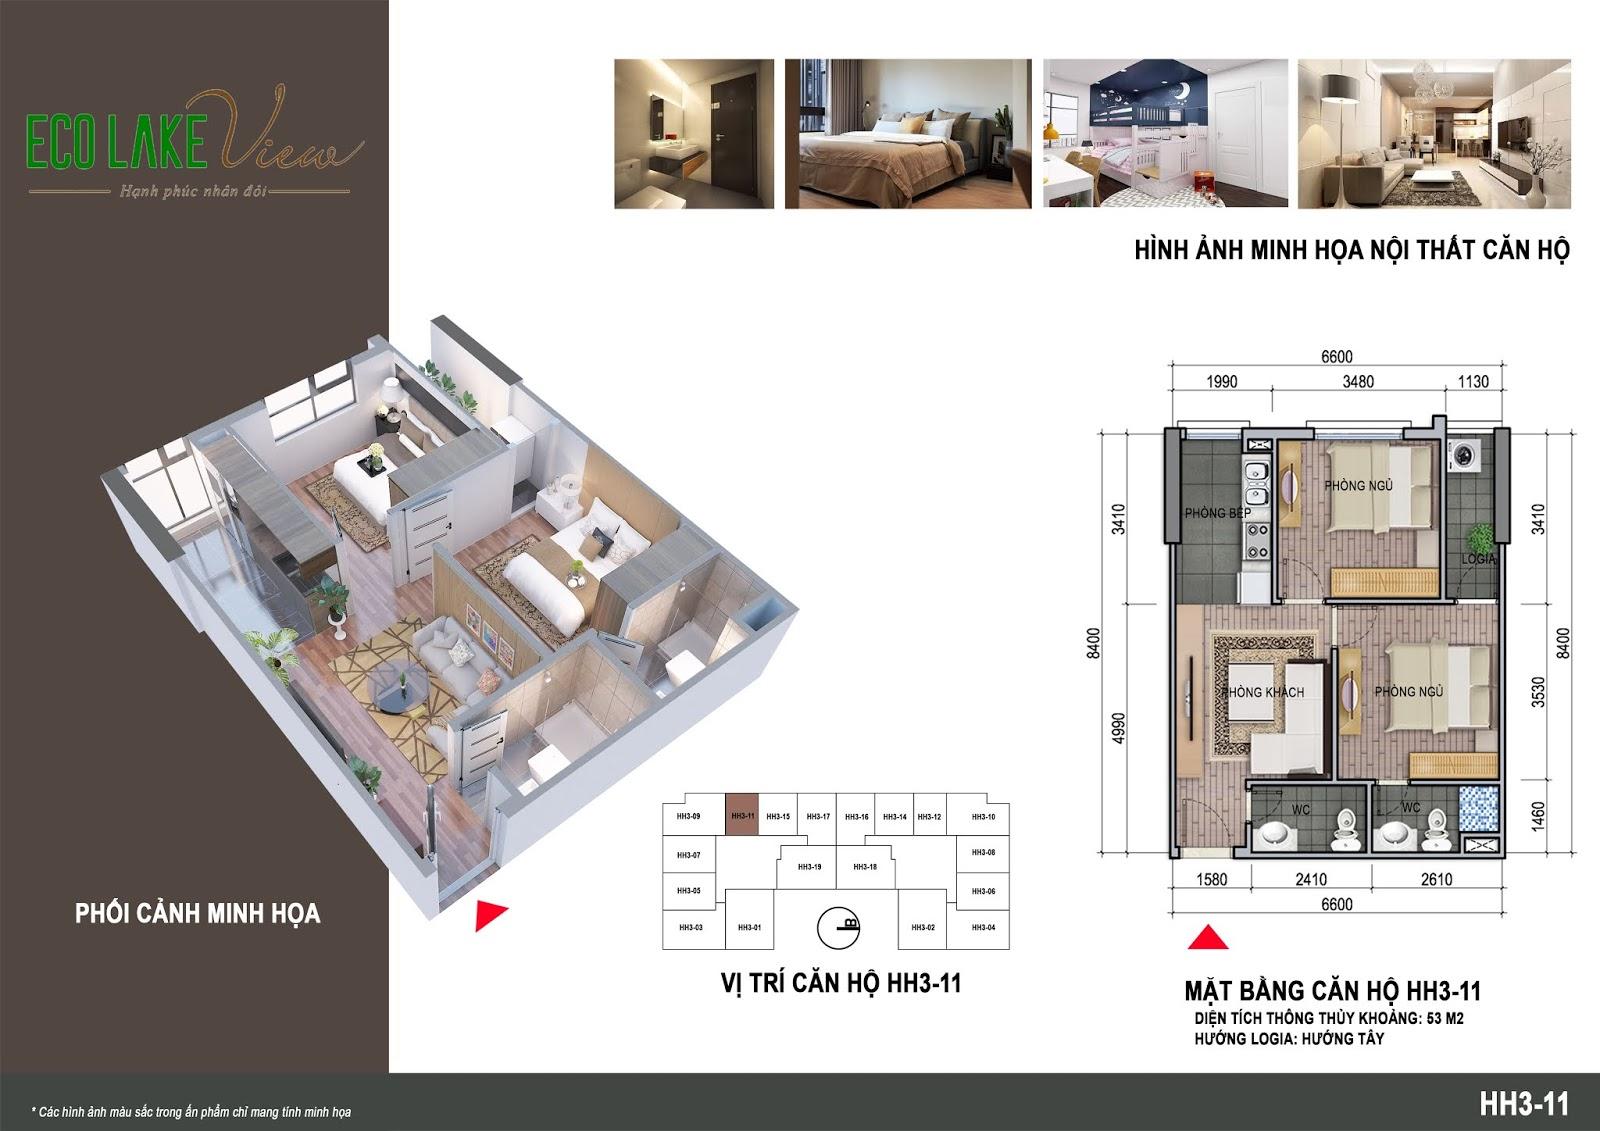 Thiết kế căn hộ 06 tòa HH03 Eco Lake View